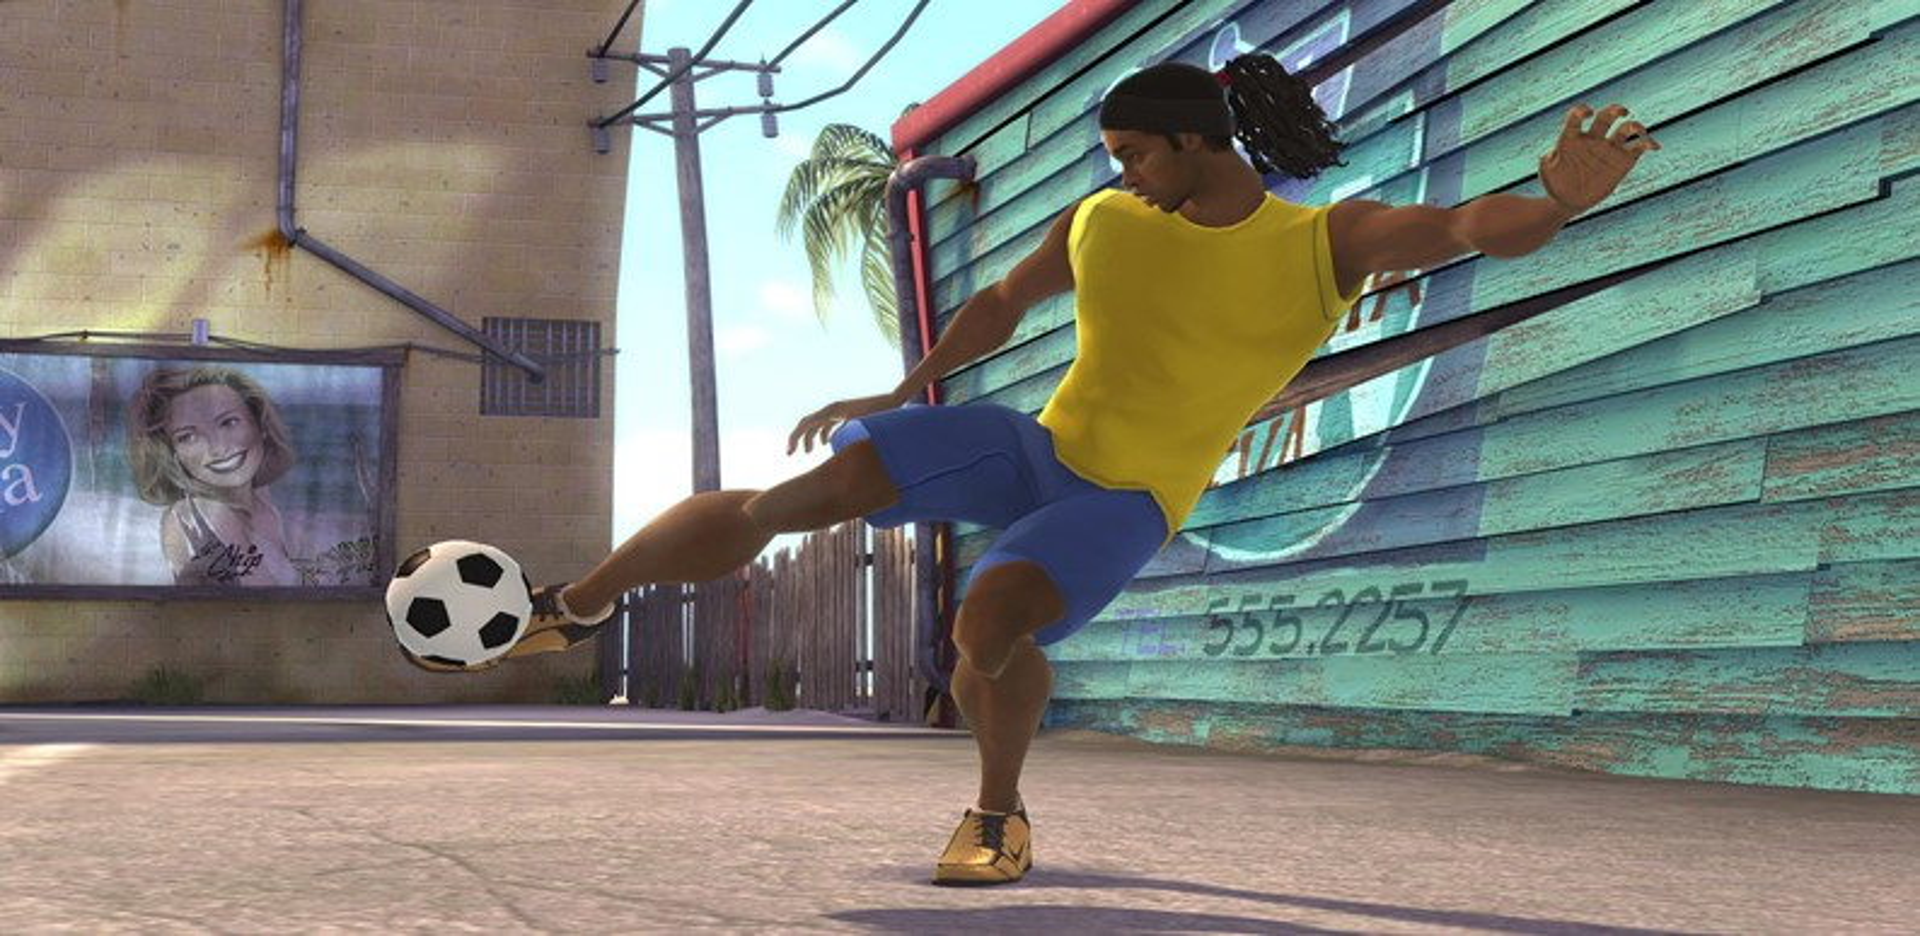 FIFA STREET 3 (2008) (Xbox 360, PS3, DS e plataformas móveis) | Capa: Ronaldinho, Peter Crouch e Gennaro Gattuso | Narração e comentários: nenhum